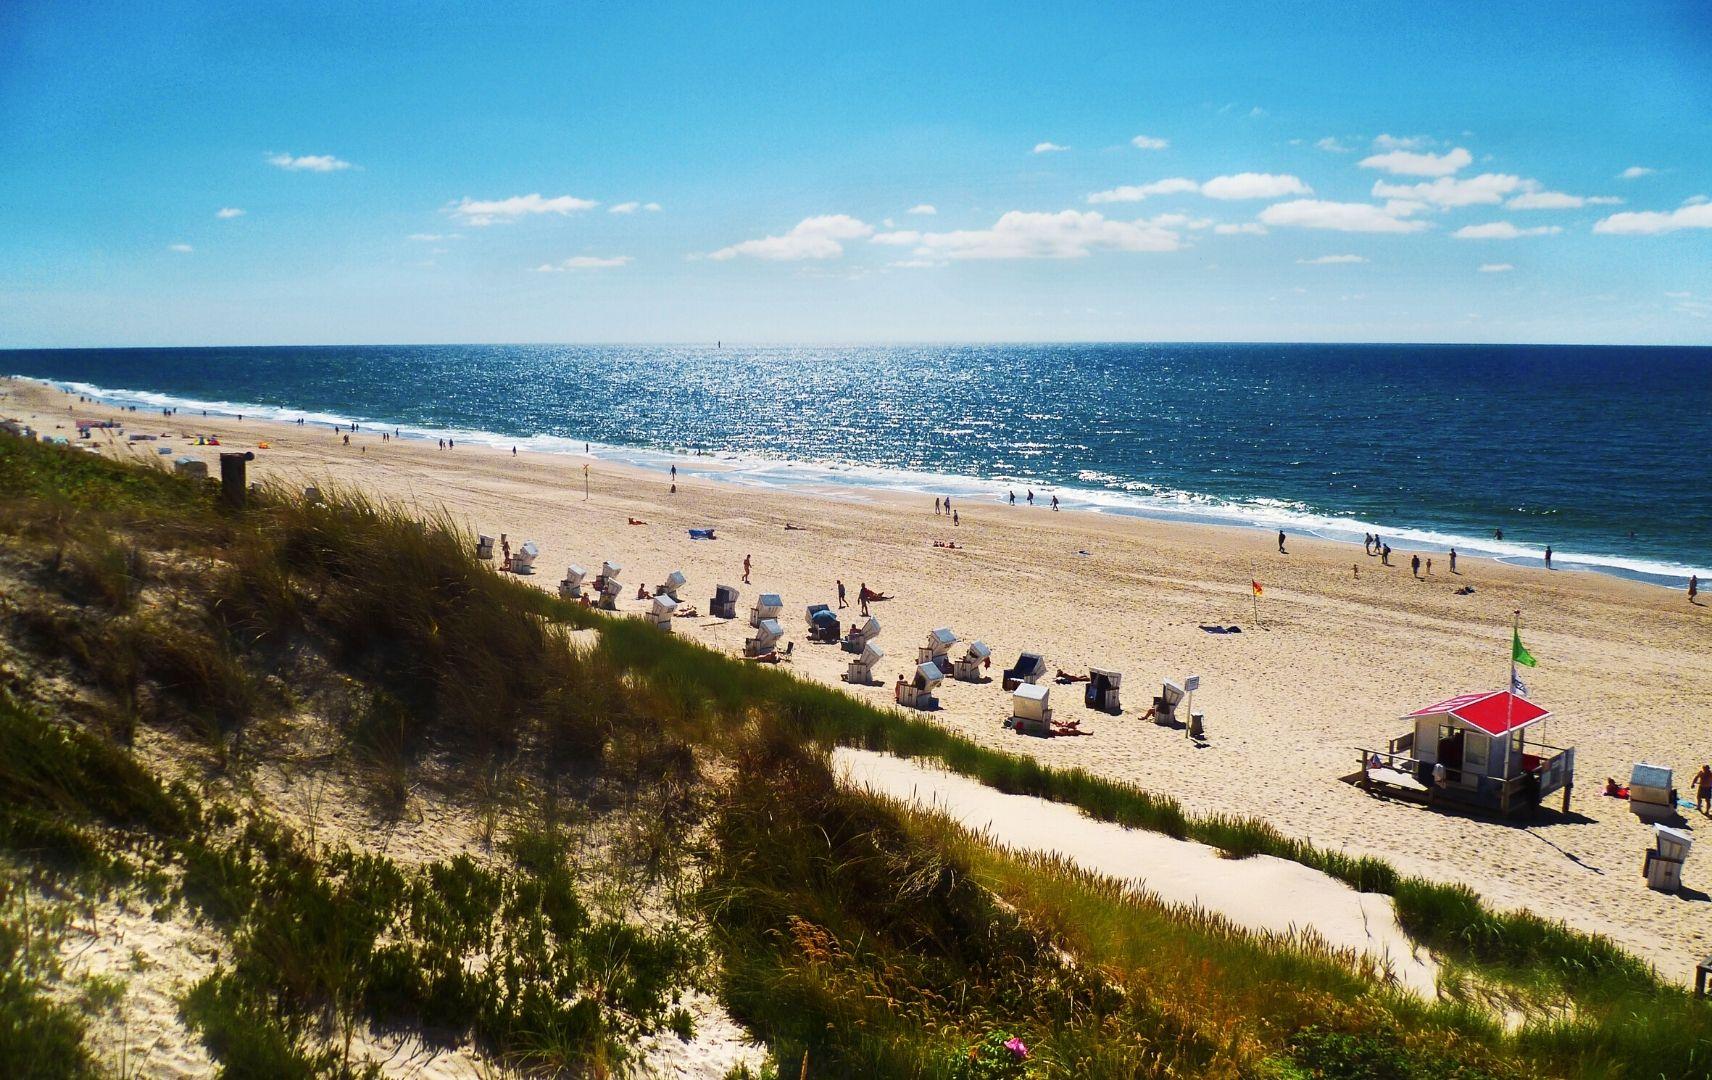 Strandkörbe und Urlauber an der Küste